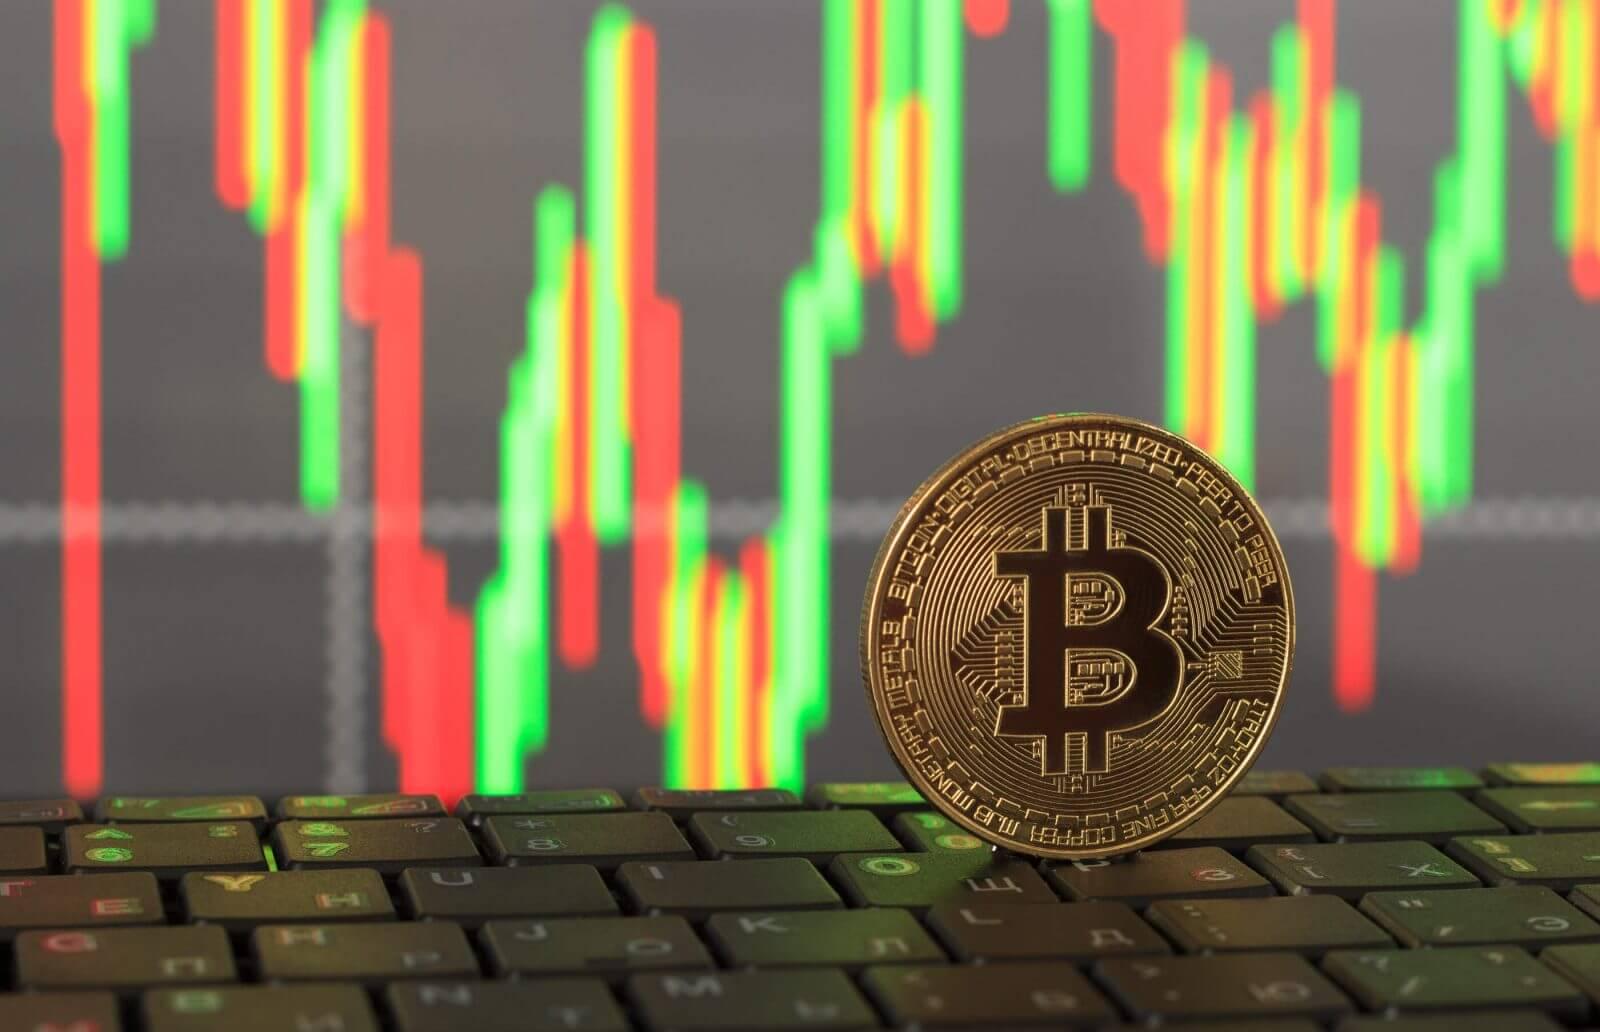 Madenciler Boşluklar ve Dev Short Sinyalleri Bu Hafta Bitcoin BTC Fiyat Hareketini Etkileyebilecek 5 Faktör